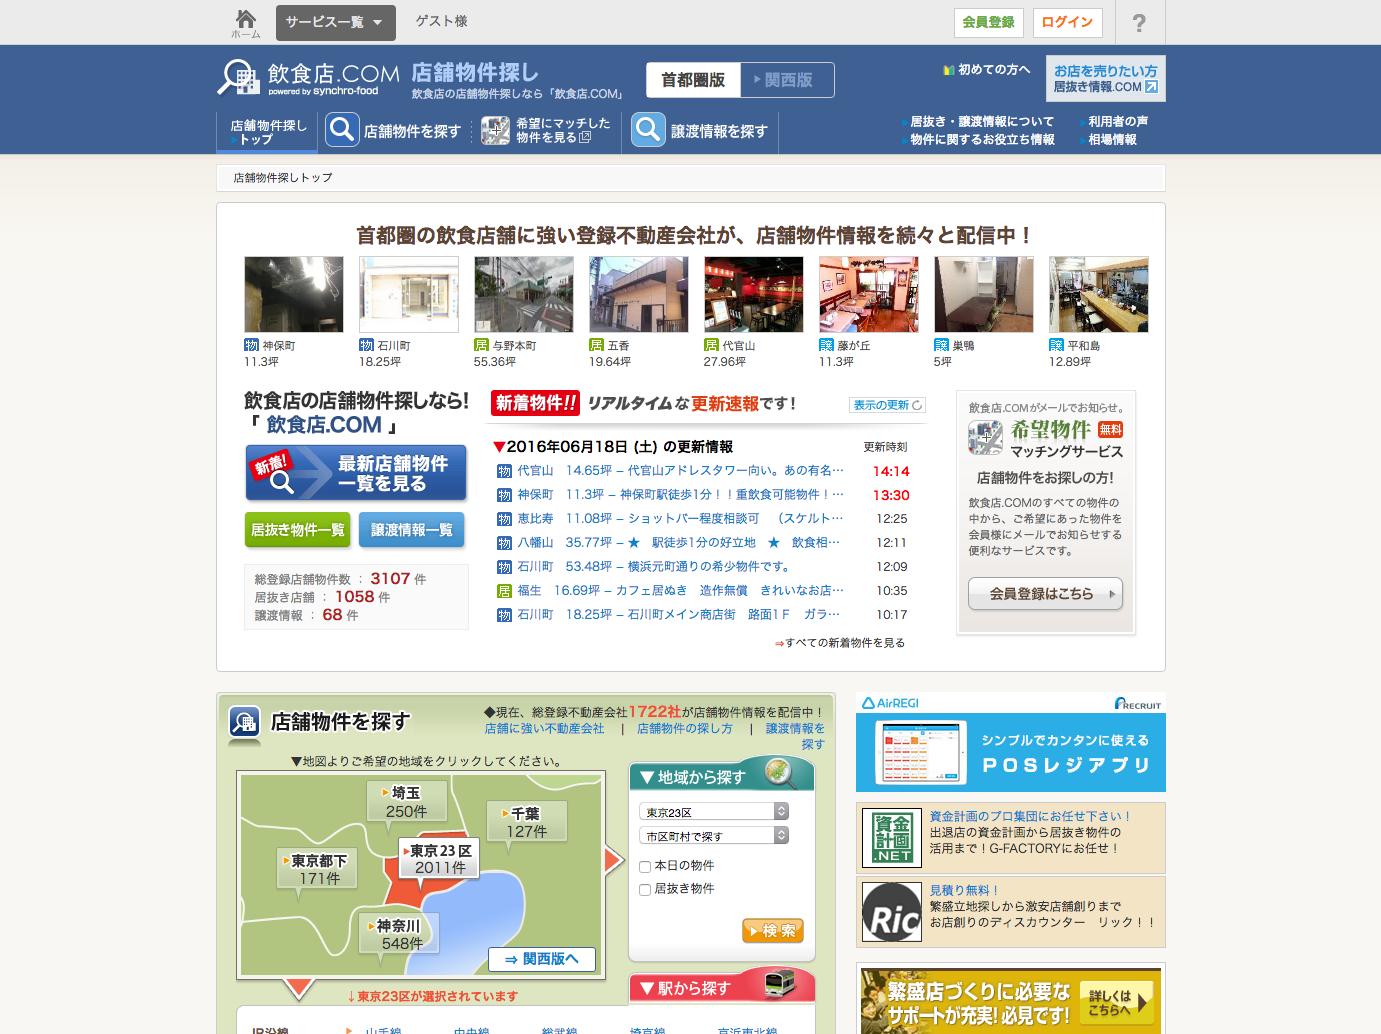 飲食店の店舗物件・出店開業・運営支援サイト 飲食店.COM